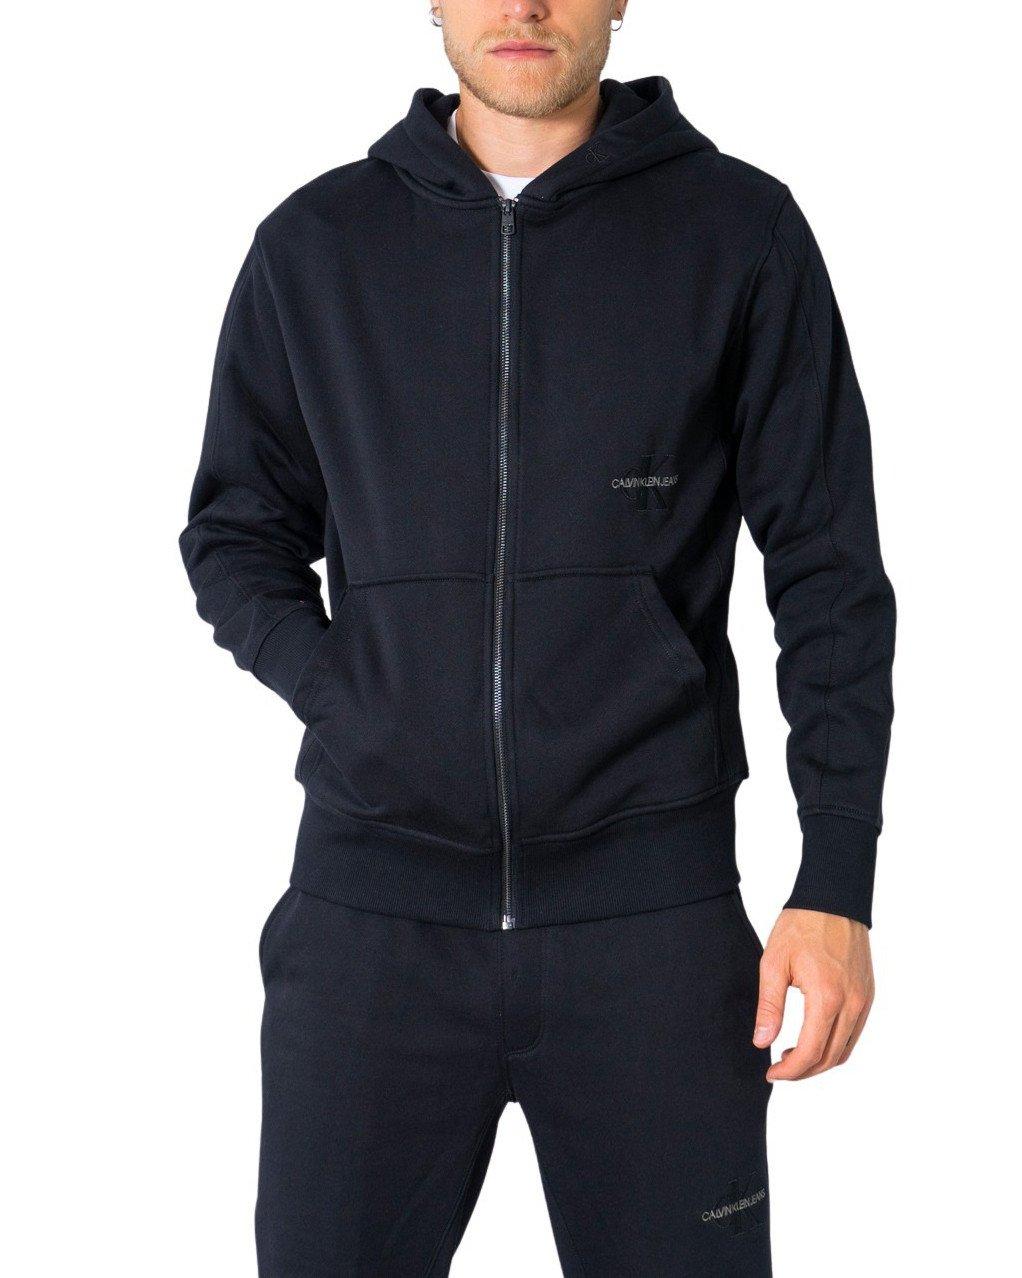 Calvin Klein Jeans Women Sweatshirt Various Colours 299915 - black-3 XS